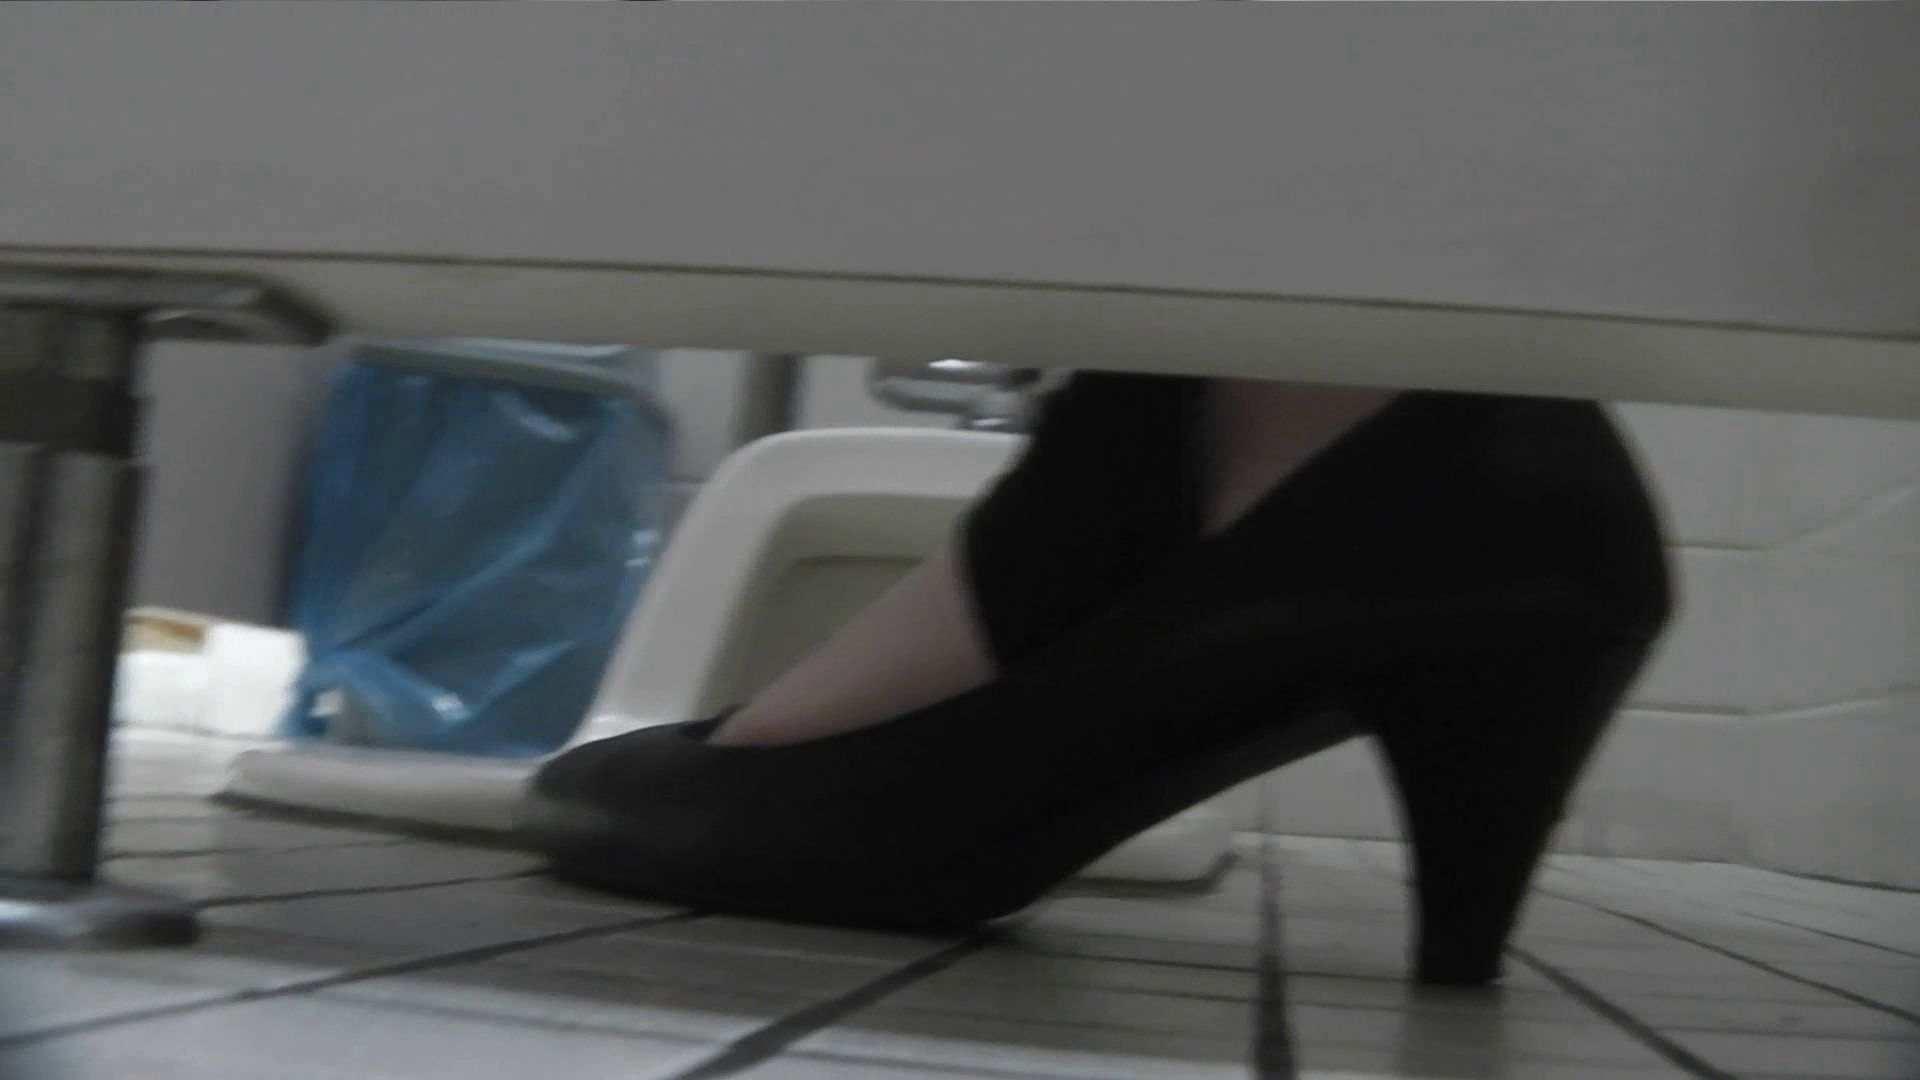 vol.21 命がけ潜伏洗面所! ナイスな和式バックショット 和式トイレ | 美しいOLの裸体  102pic 61